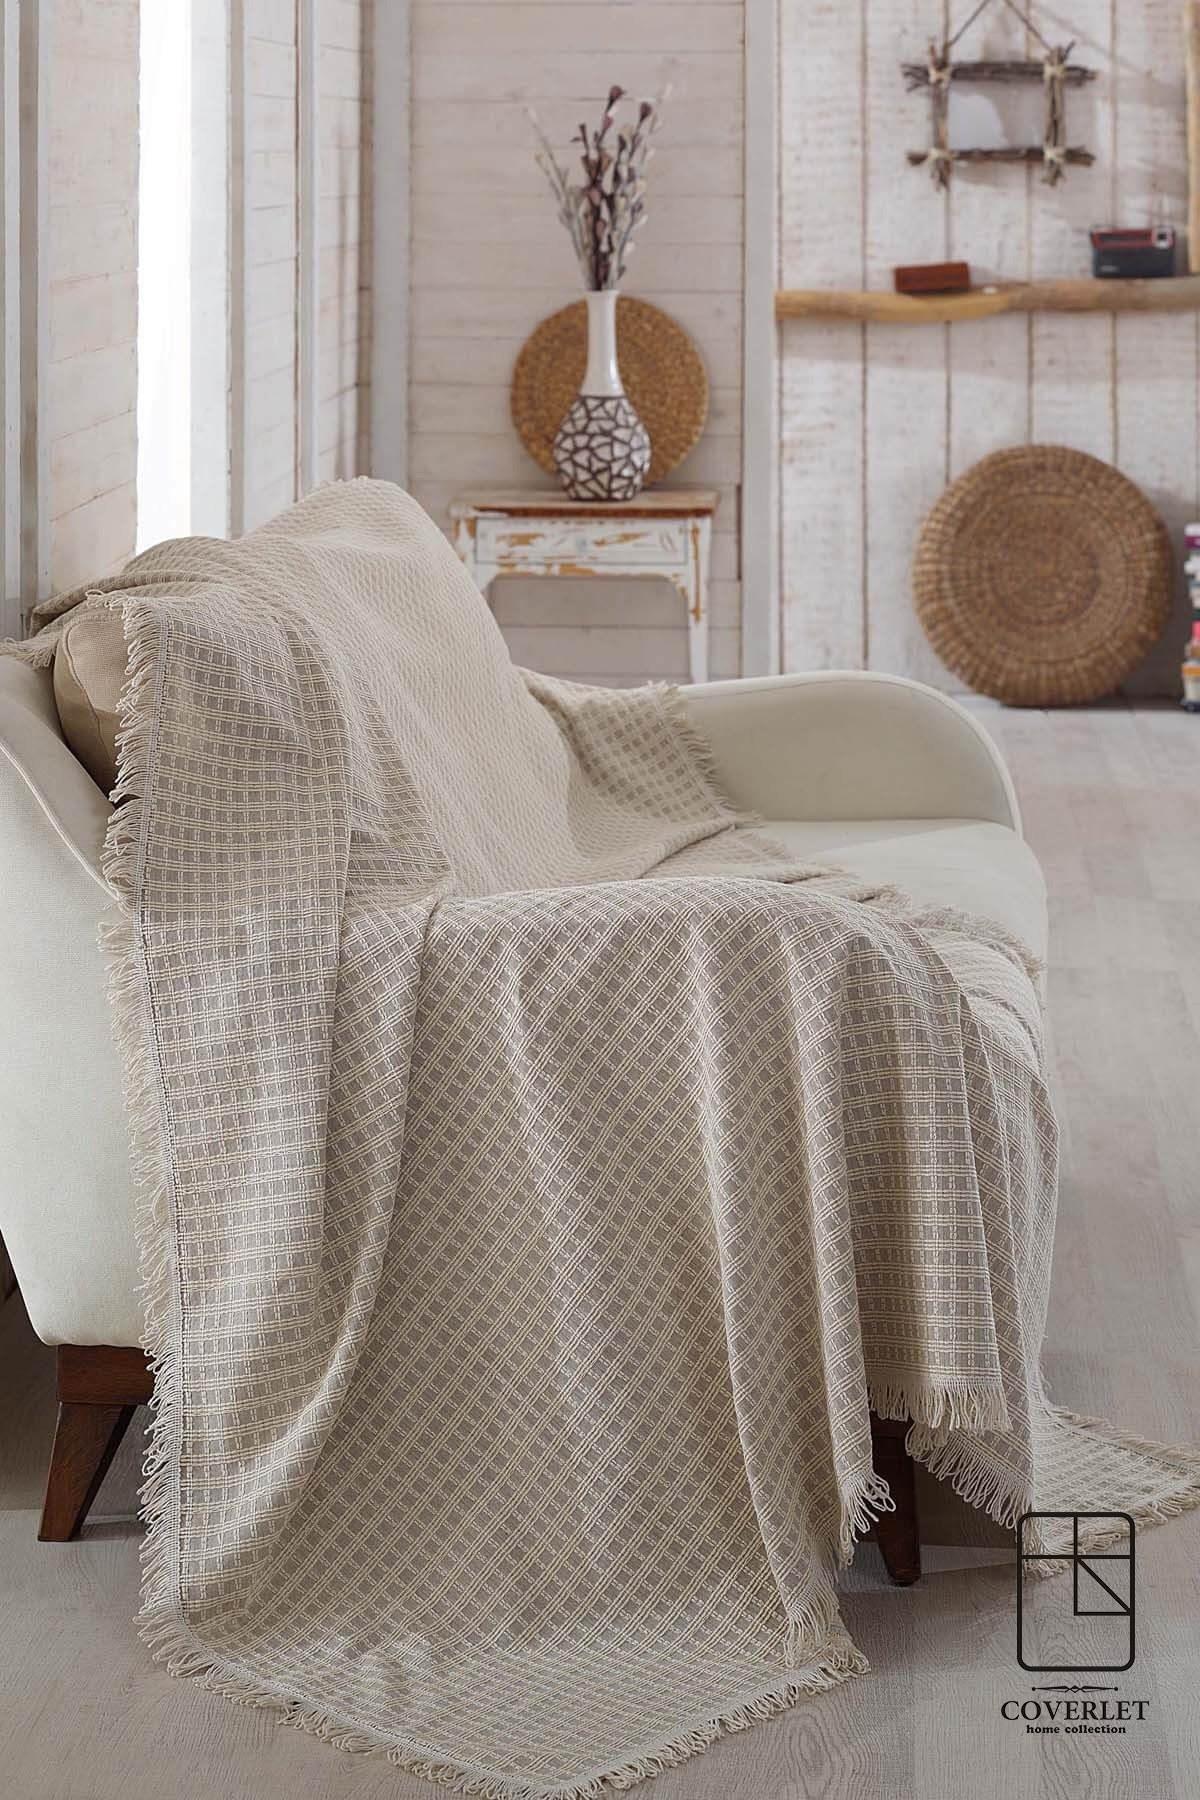 تصویر شال تخت و مبل چهارخونهای قهوهای